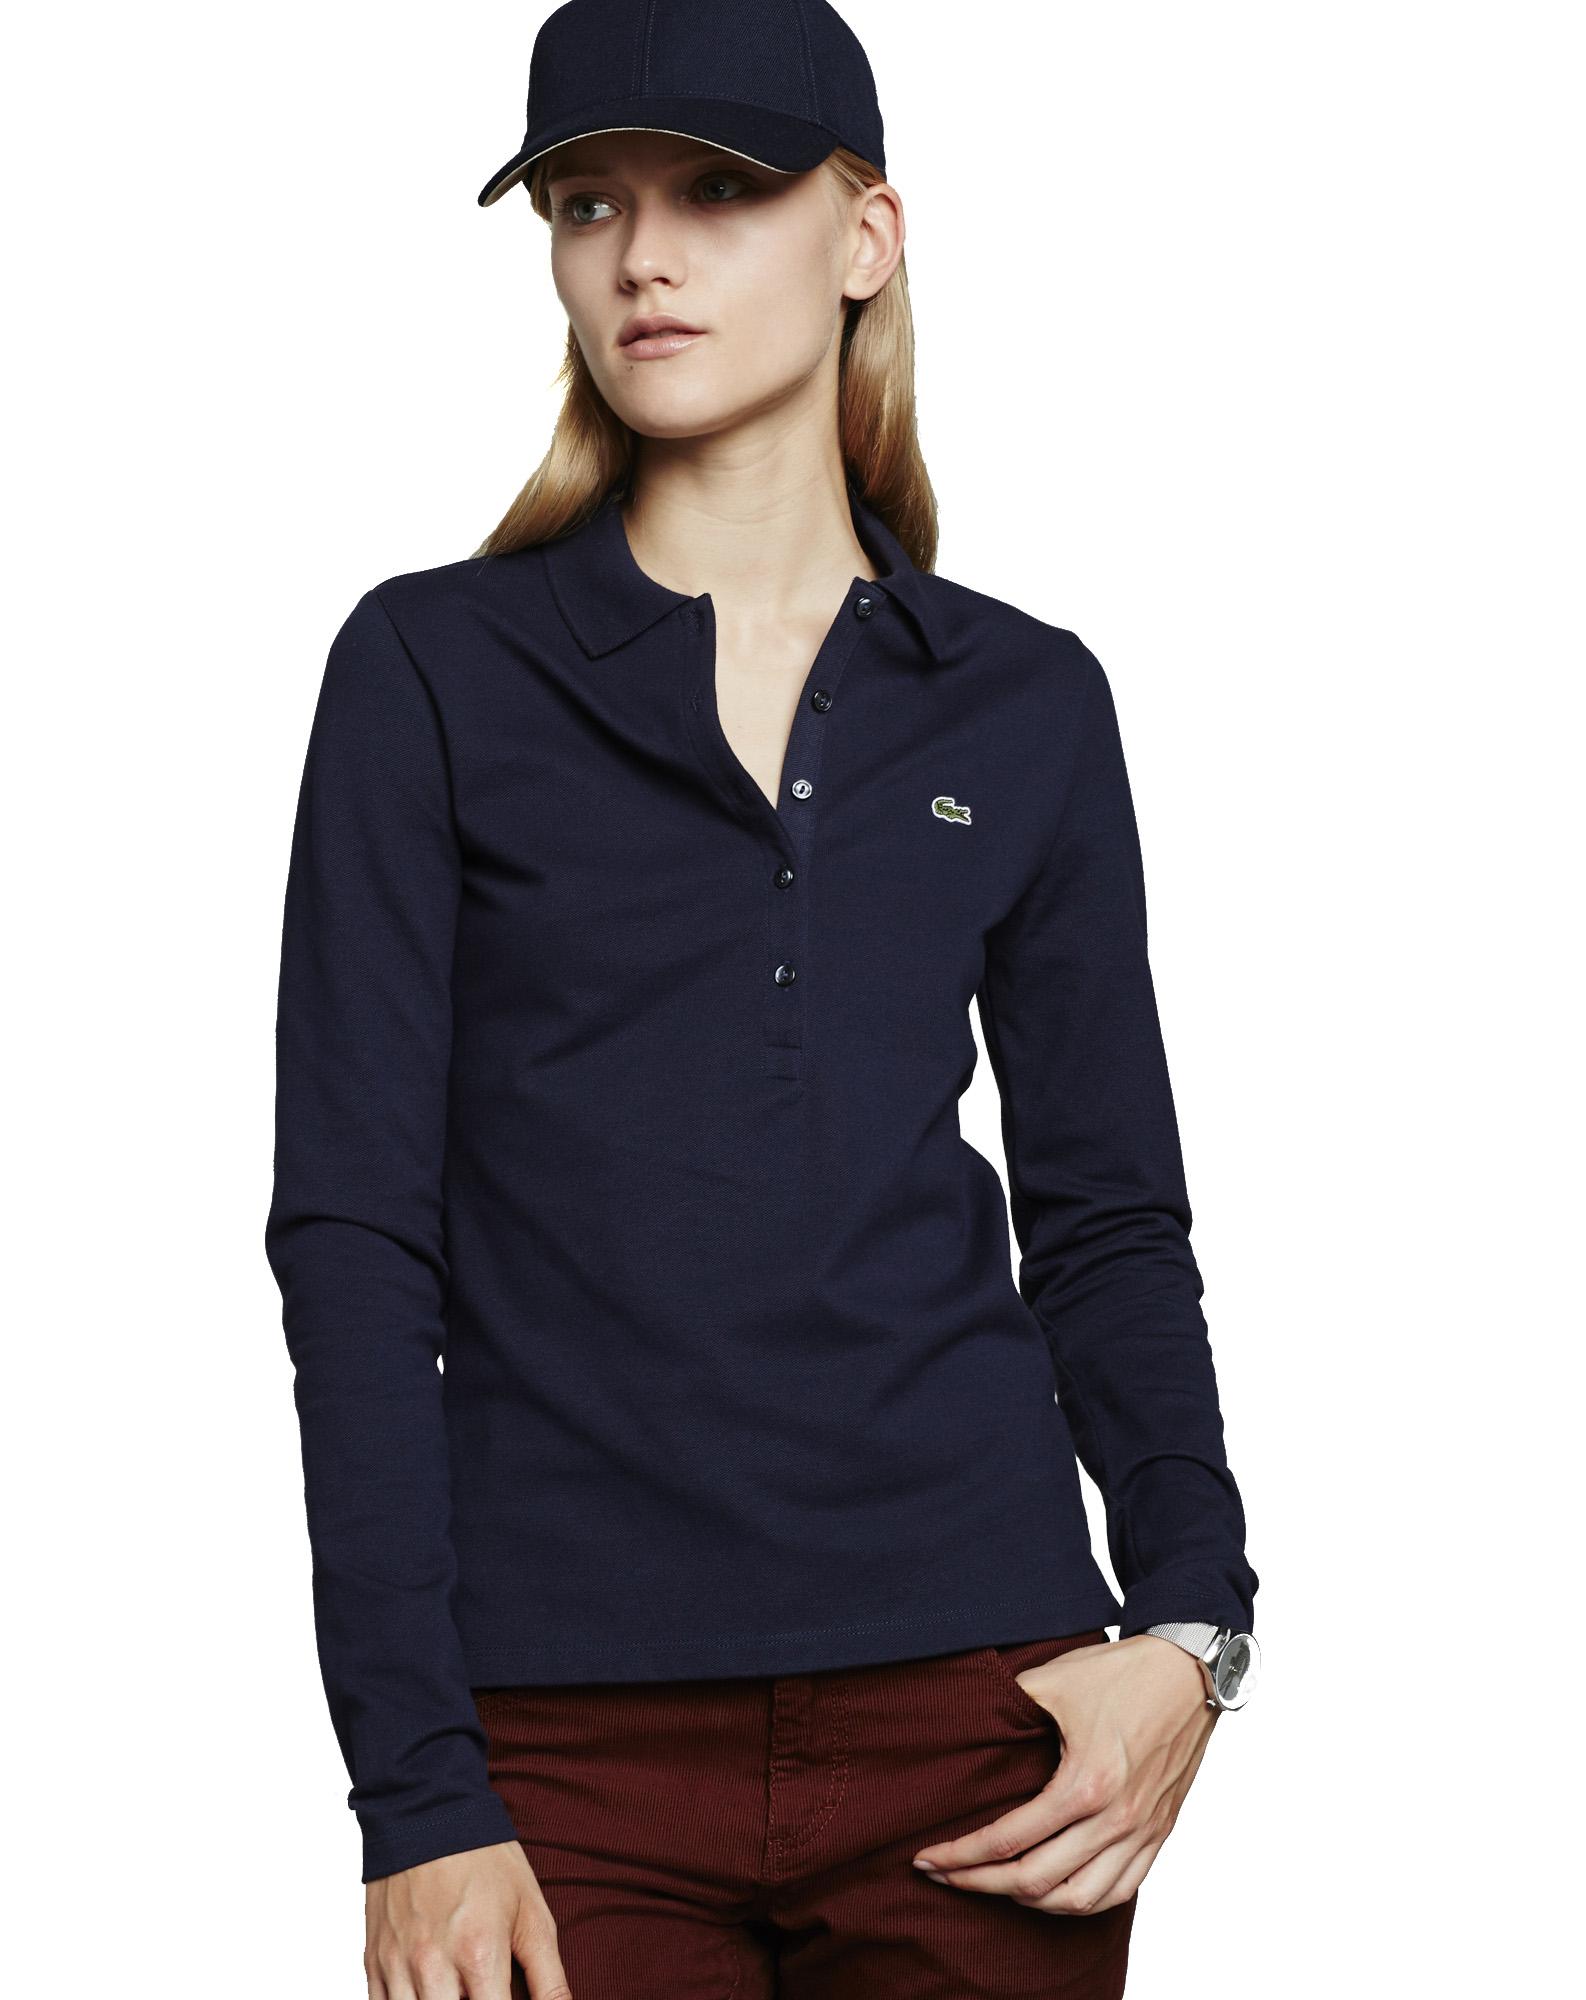 9e6b58050f0 Dámský Lacoste v temně modré barvě. Polo tričko s dlouhým rukávem ...